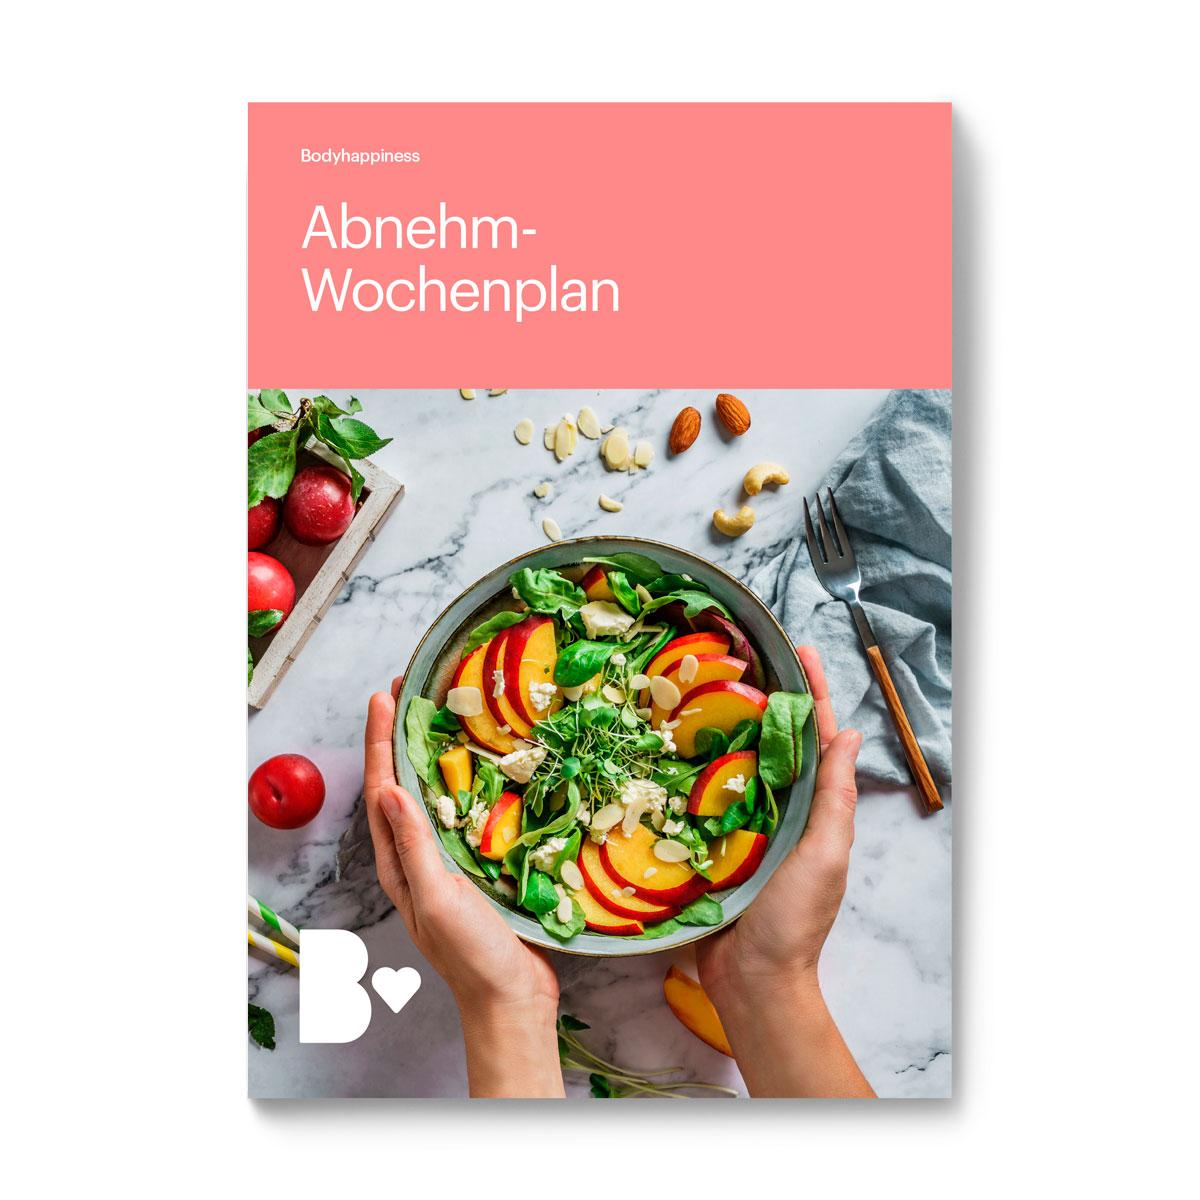 abnehm-wochenplan-prodimage Low Carb-Diät für Anfänger: Regeln, Rezepte & Informationen